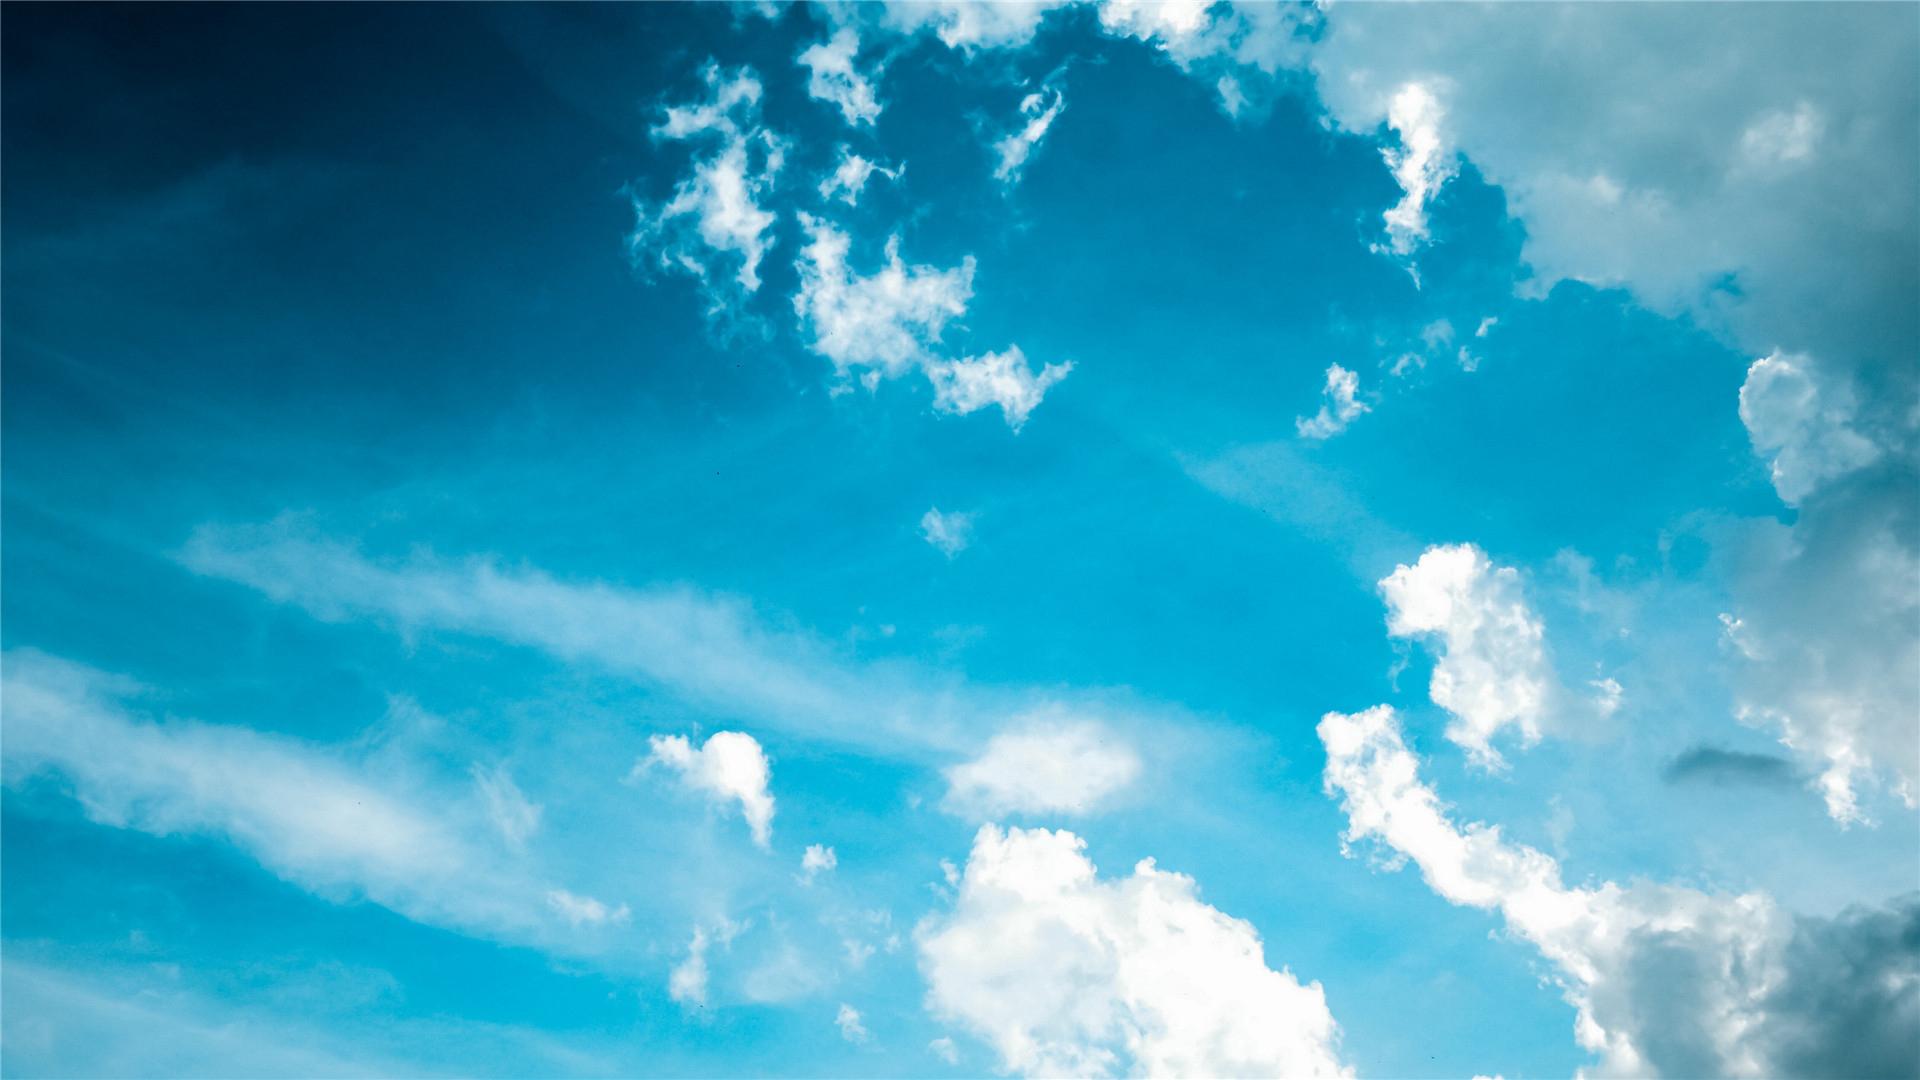 风景大片,蓝天白云,天空,阳光,云朵